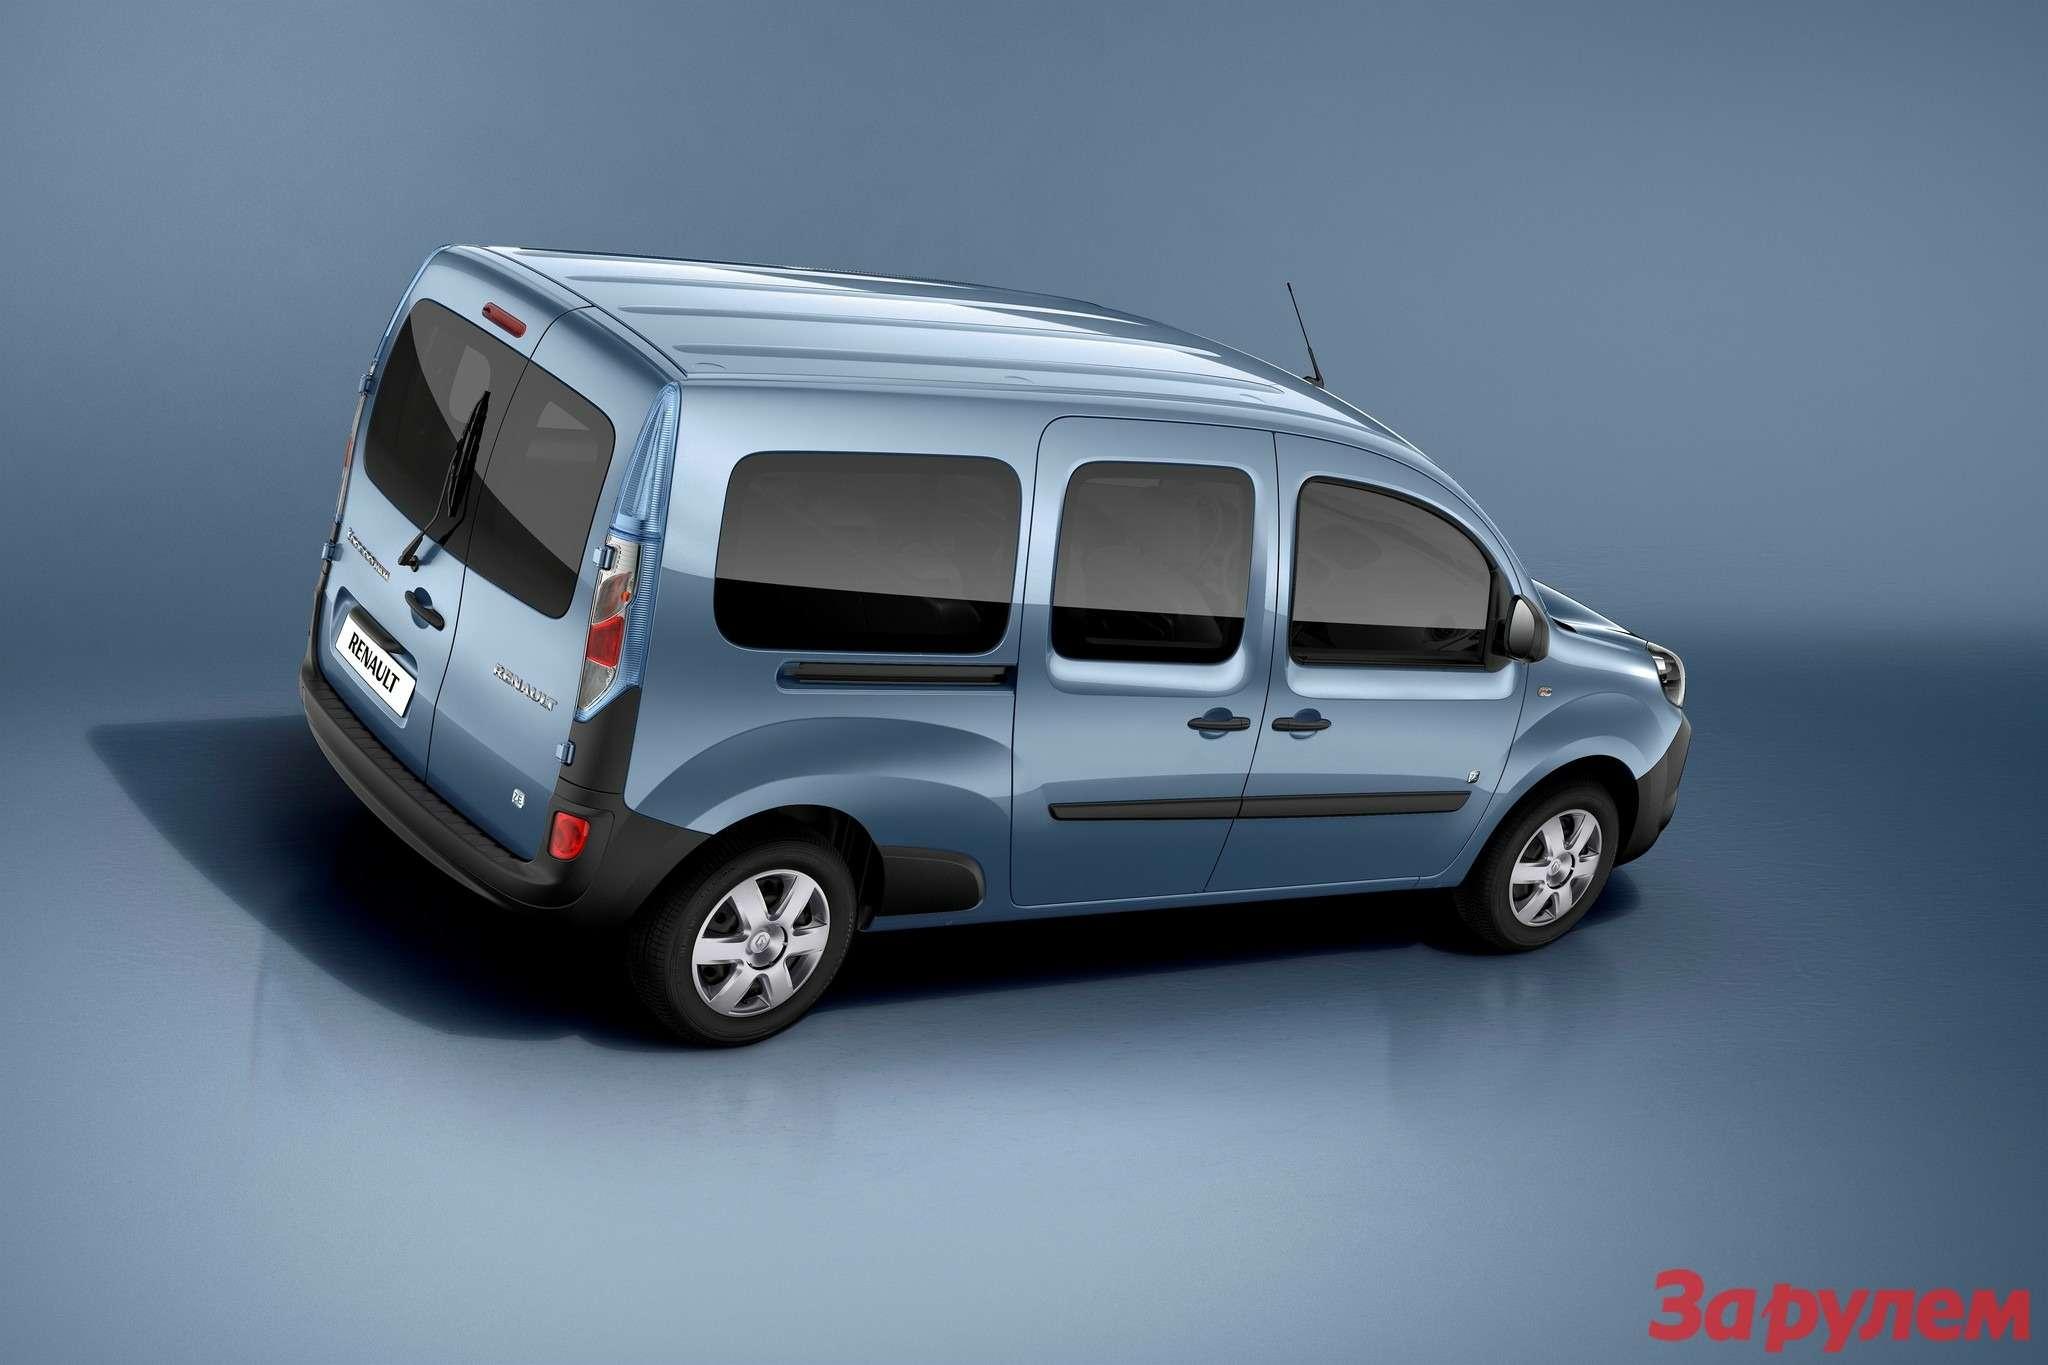 Renault_43463_global_en